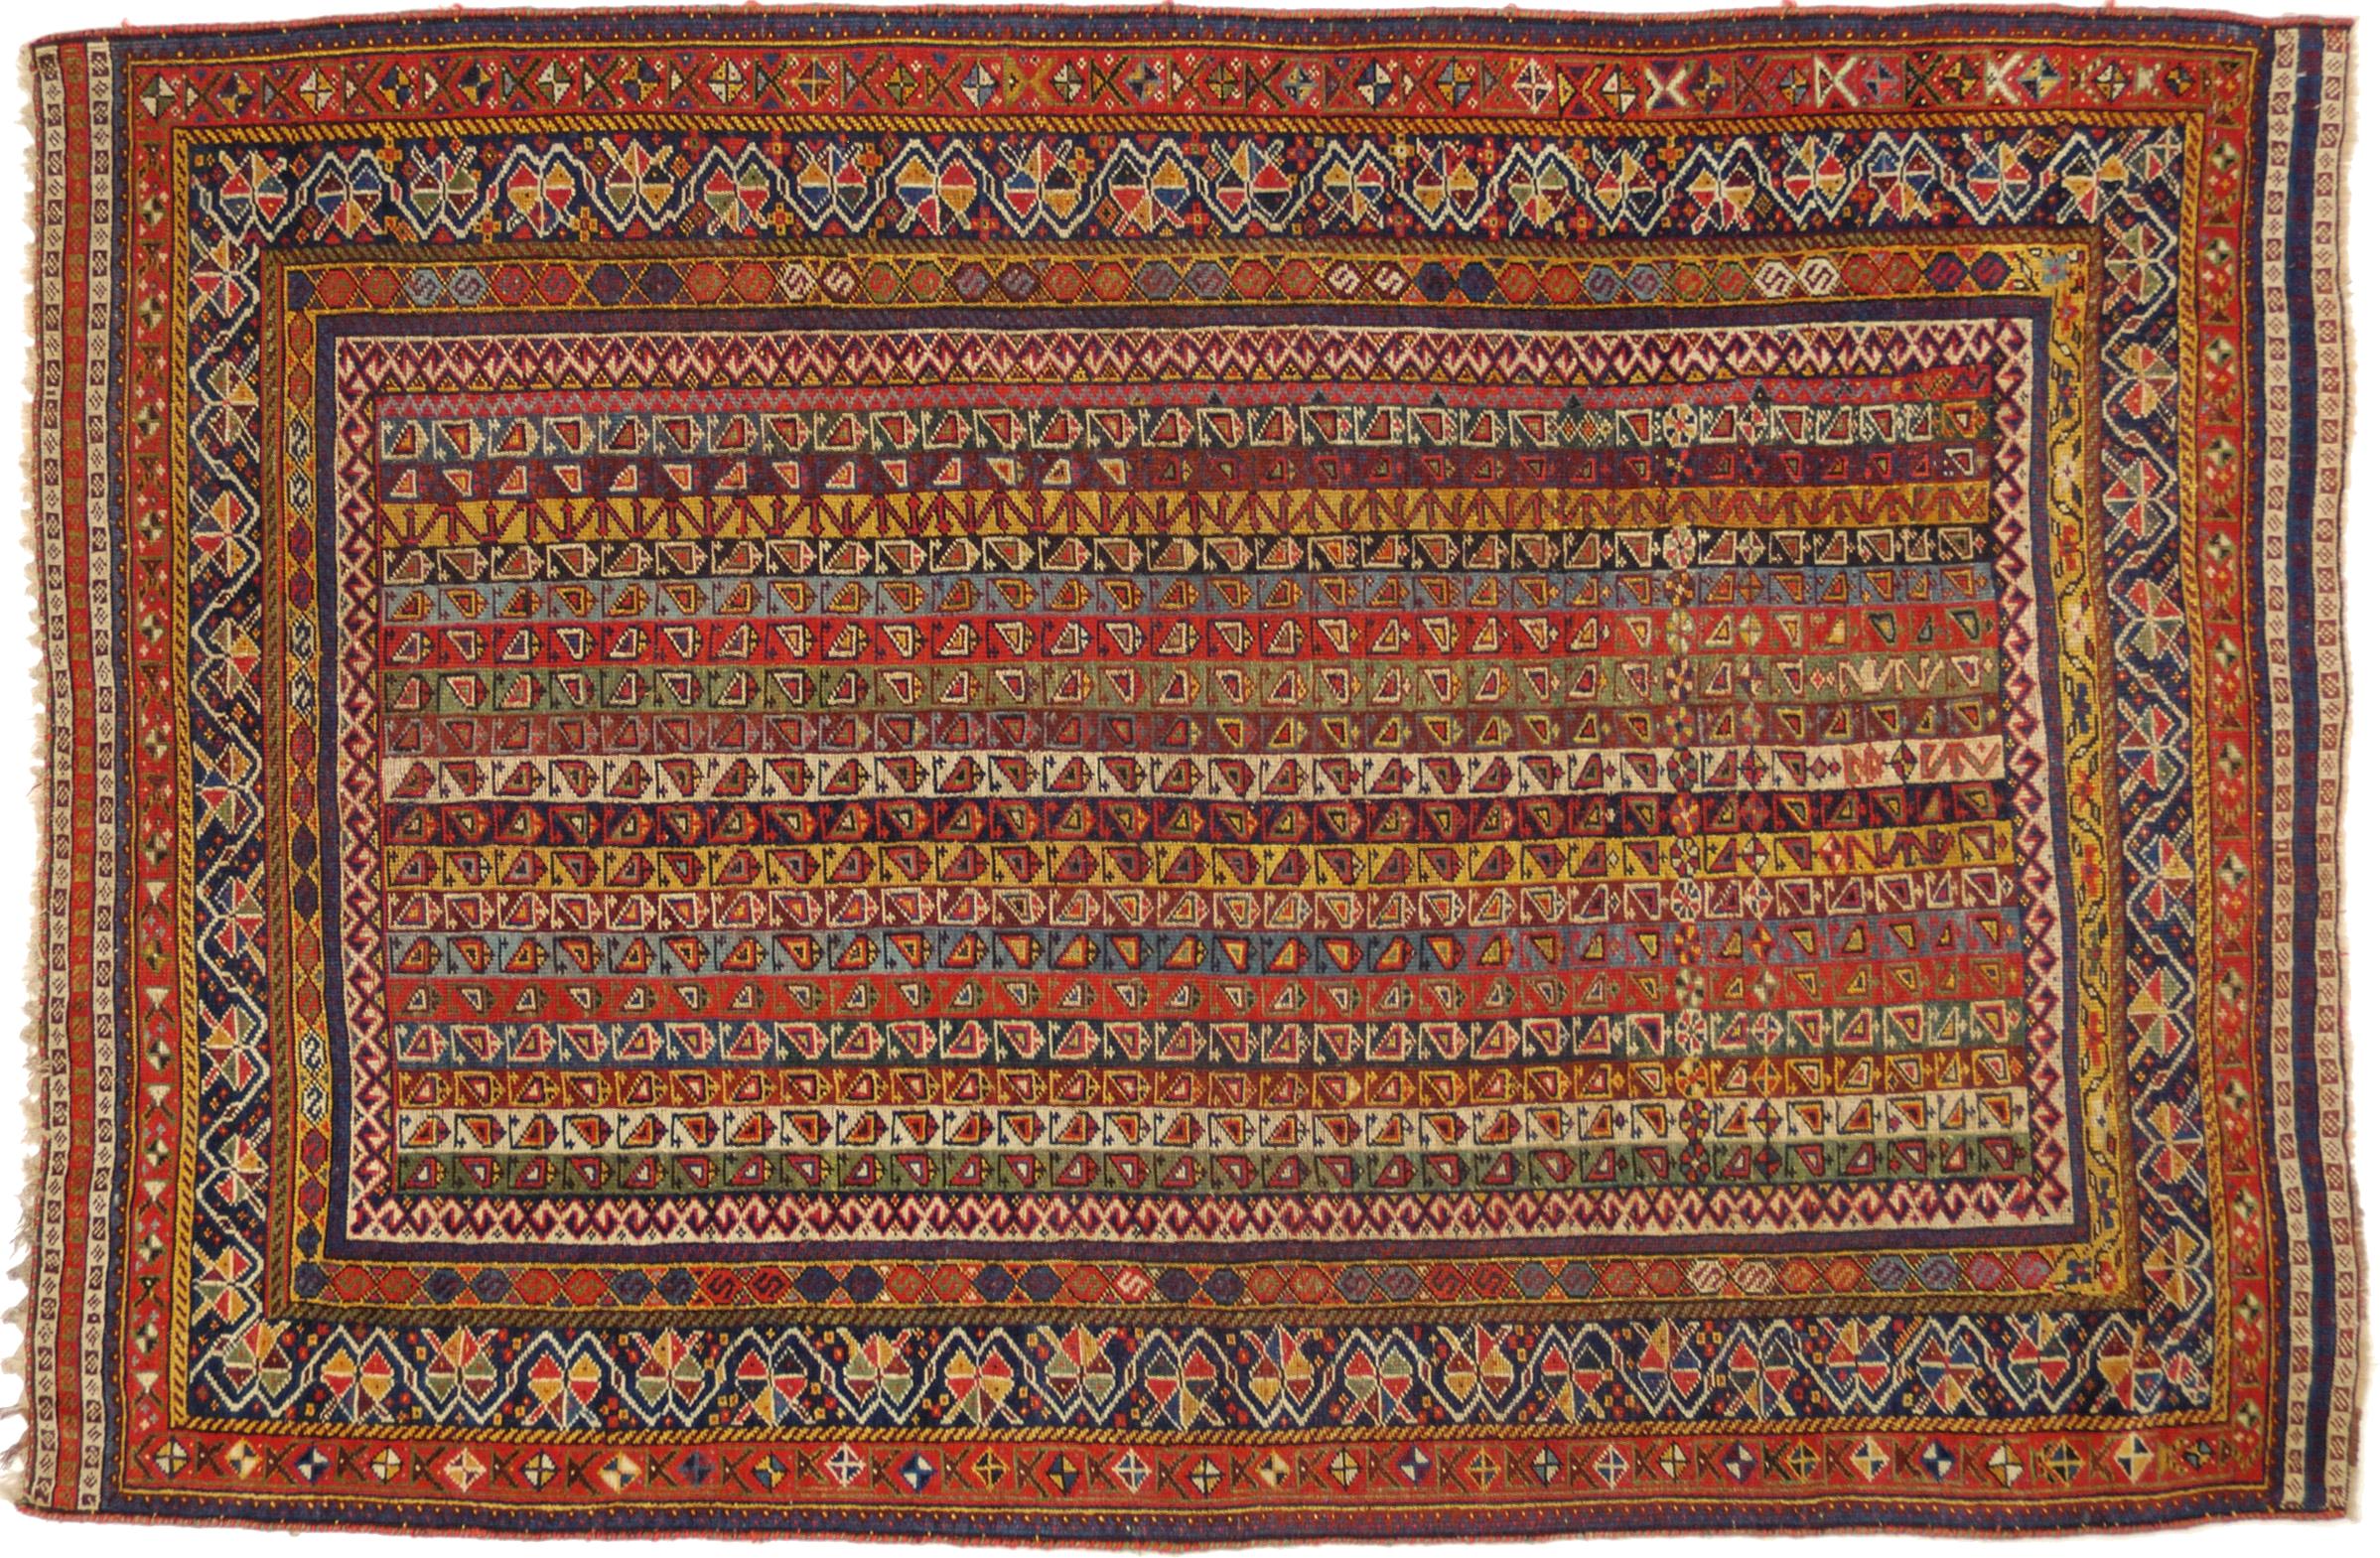 Qashqai moharramat morandirtappeti morandi tappeti - Tappeti orientali ...